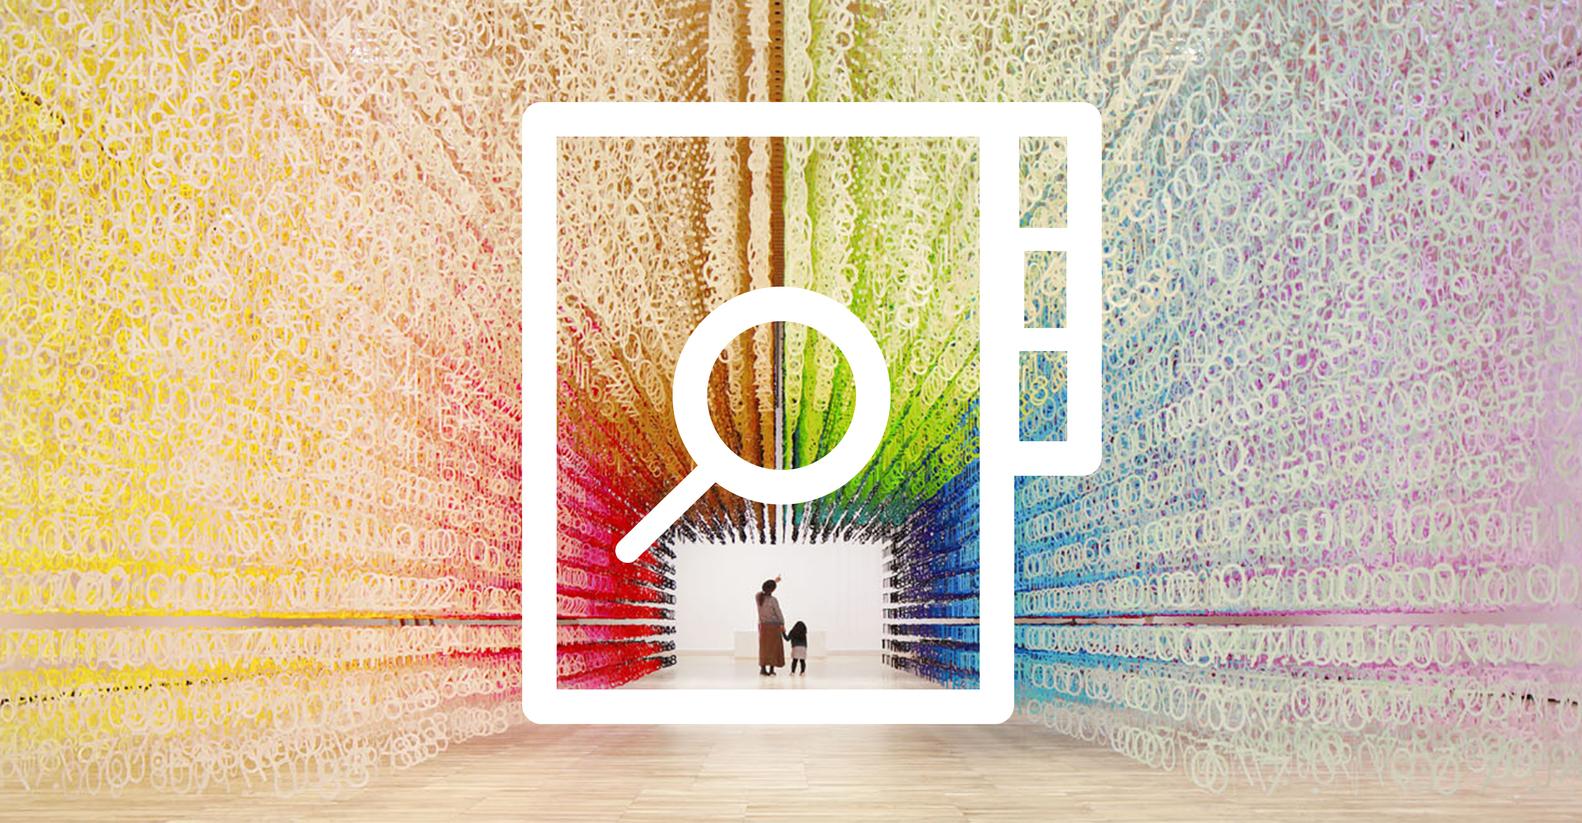 """Color en Arquitectura: Las mejores estrategias y tendencias de diseño, los mejores ejemplos en obras y materiales ,Imagen de fondo: """"Color of Time"""", obra de la arquitecta y artista Emmanuelle Moureaux. Image © Daisuke Shima"""